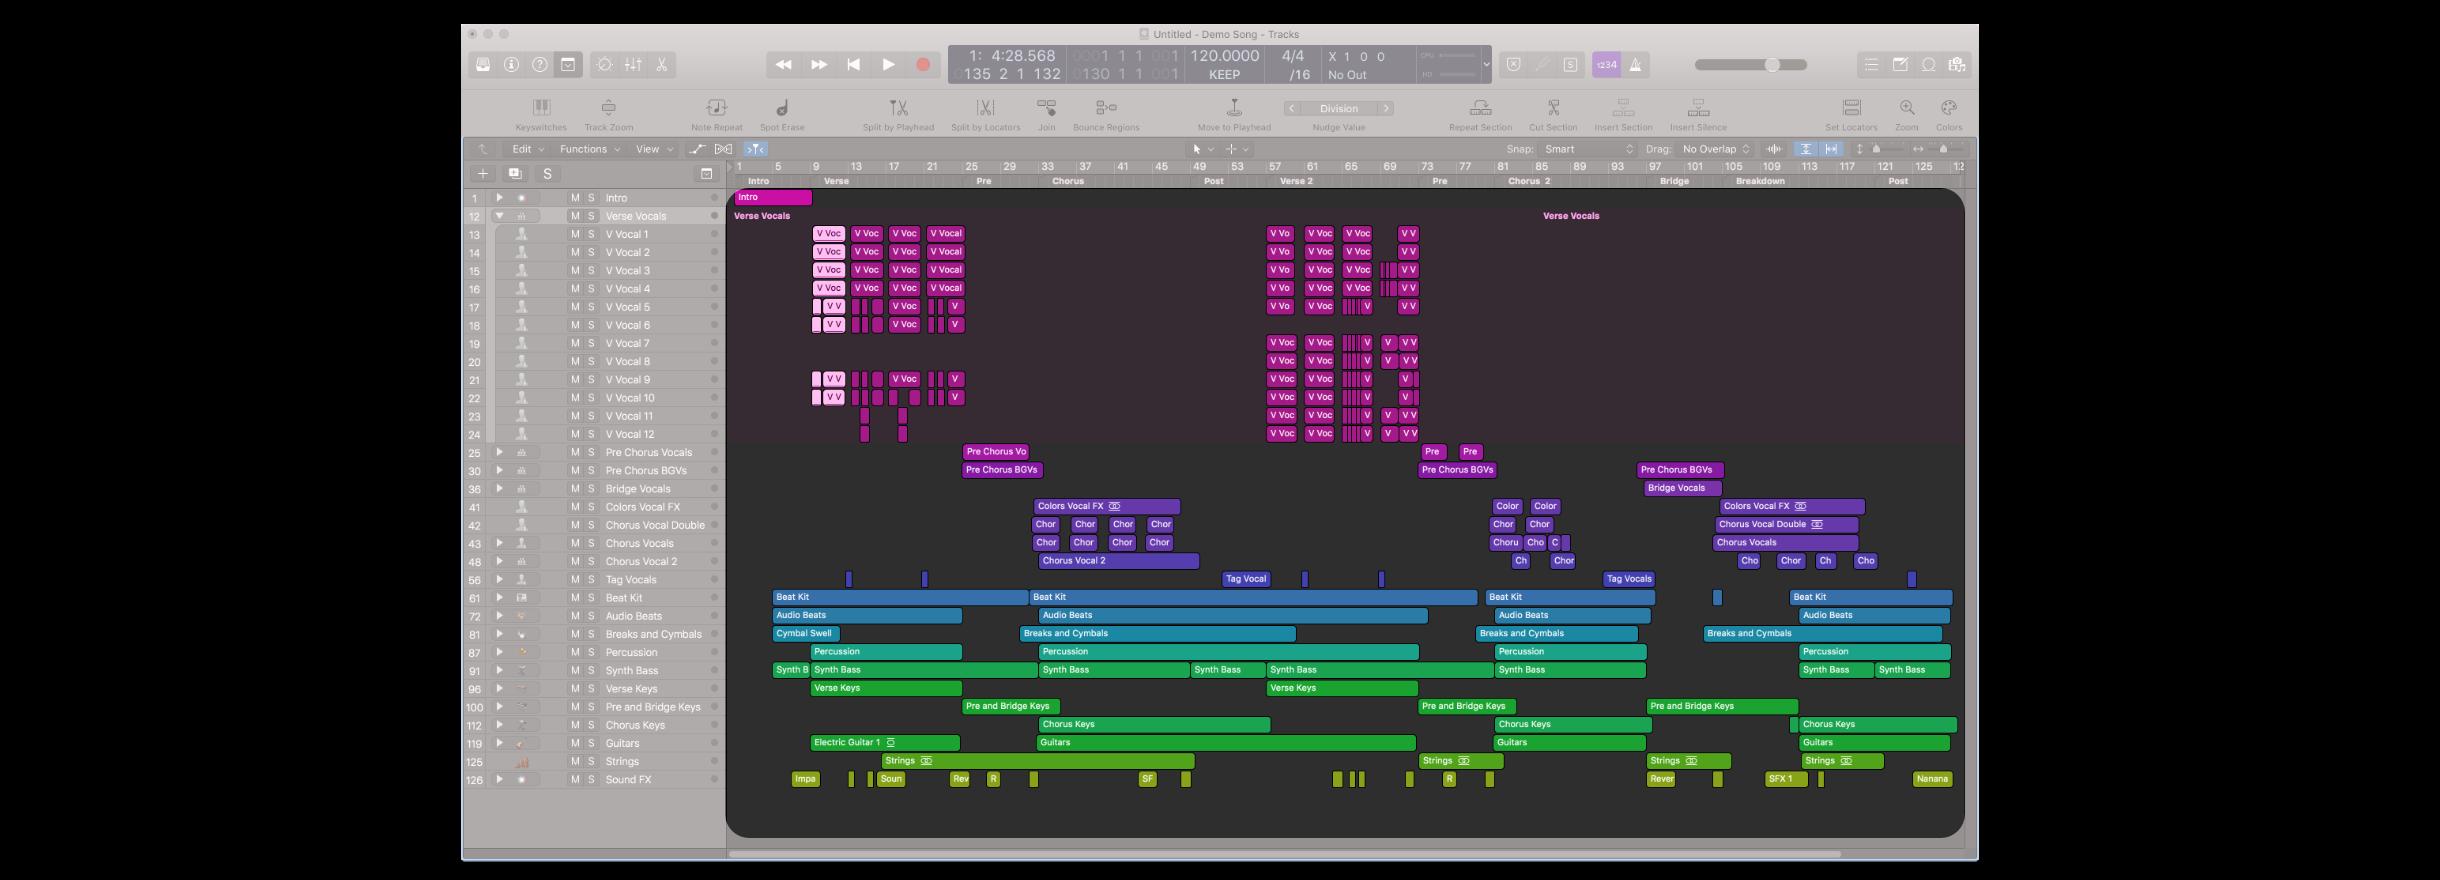 想要在 Logic Pro 中製作音樂,除了主要編曲視窗以外,還有很多其他不同的視窗是需要我們去了解的。